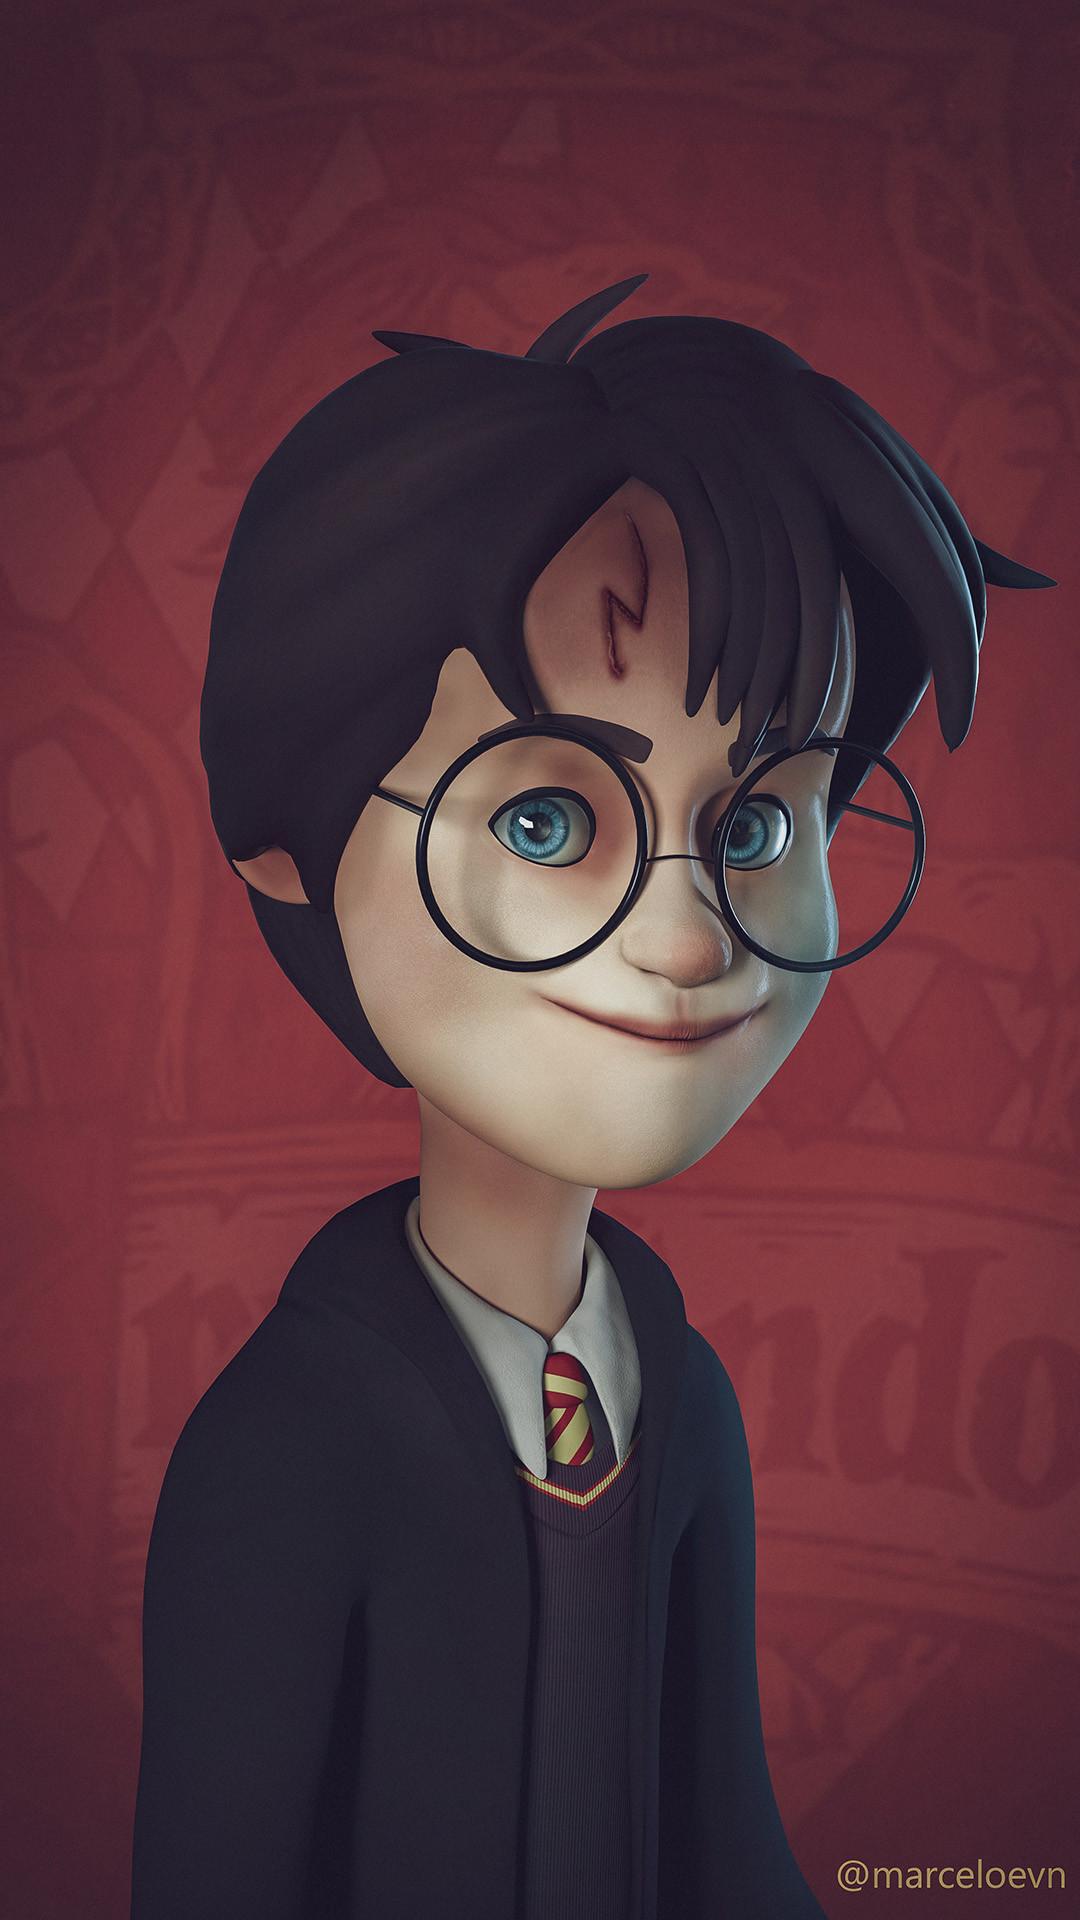 Marcelo Sousa Harry Potter Wallpaper - Harry Potter Wallpaper Cartoon , HD Wallpaper & Backgrounds